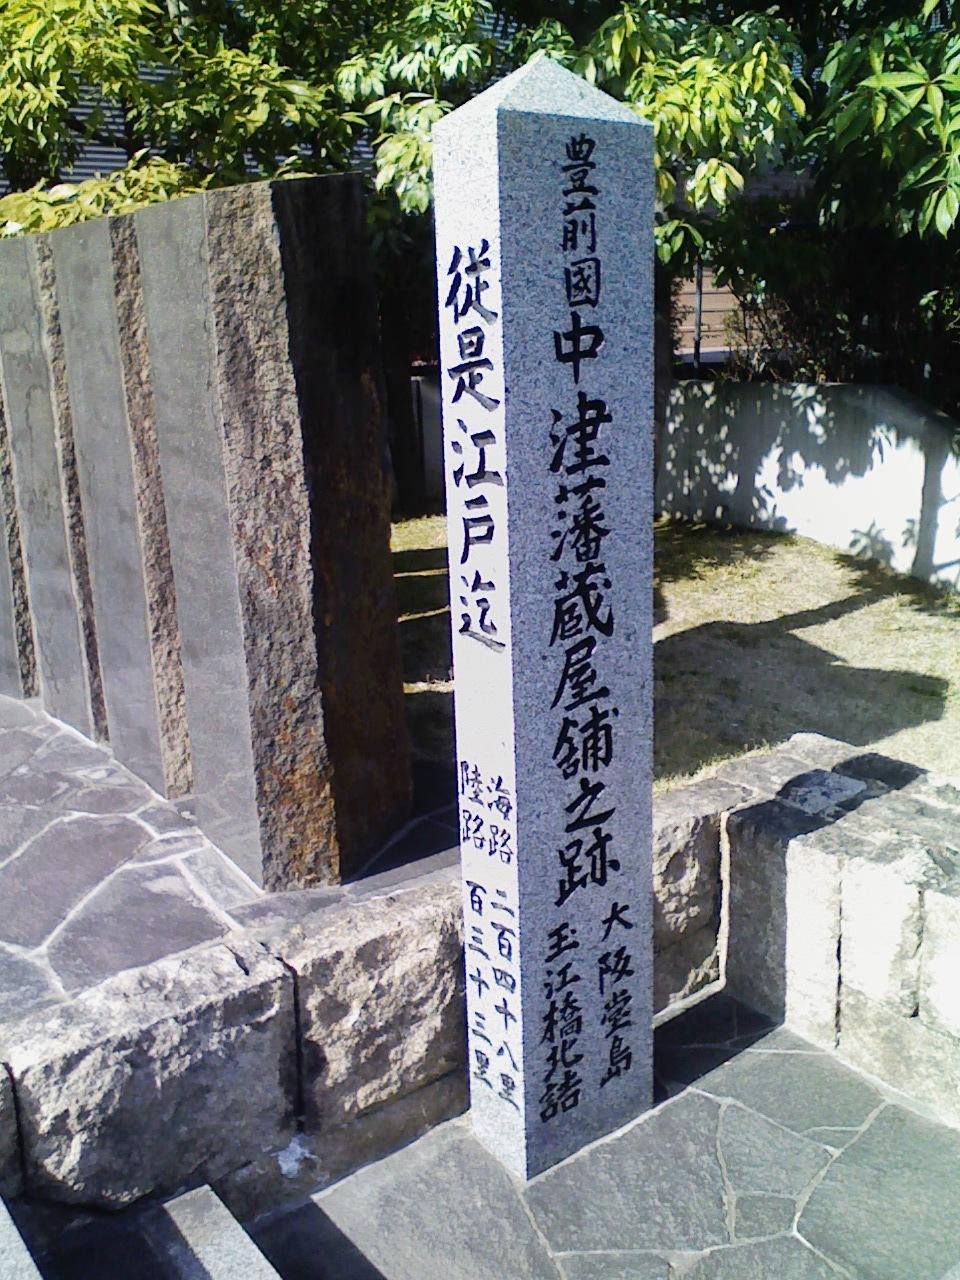 2018_03_13_中津藩蔵屋舗之跡